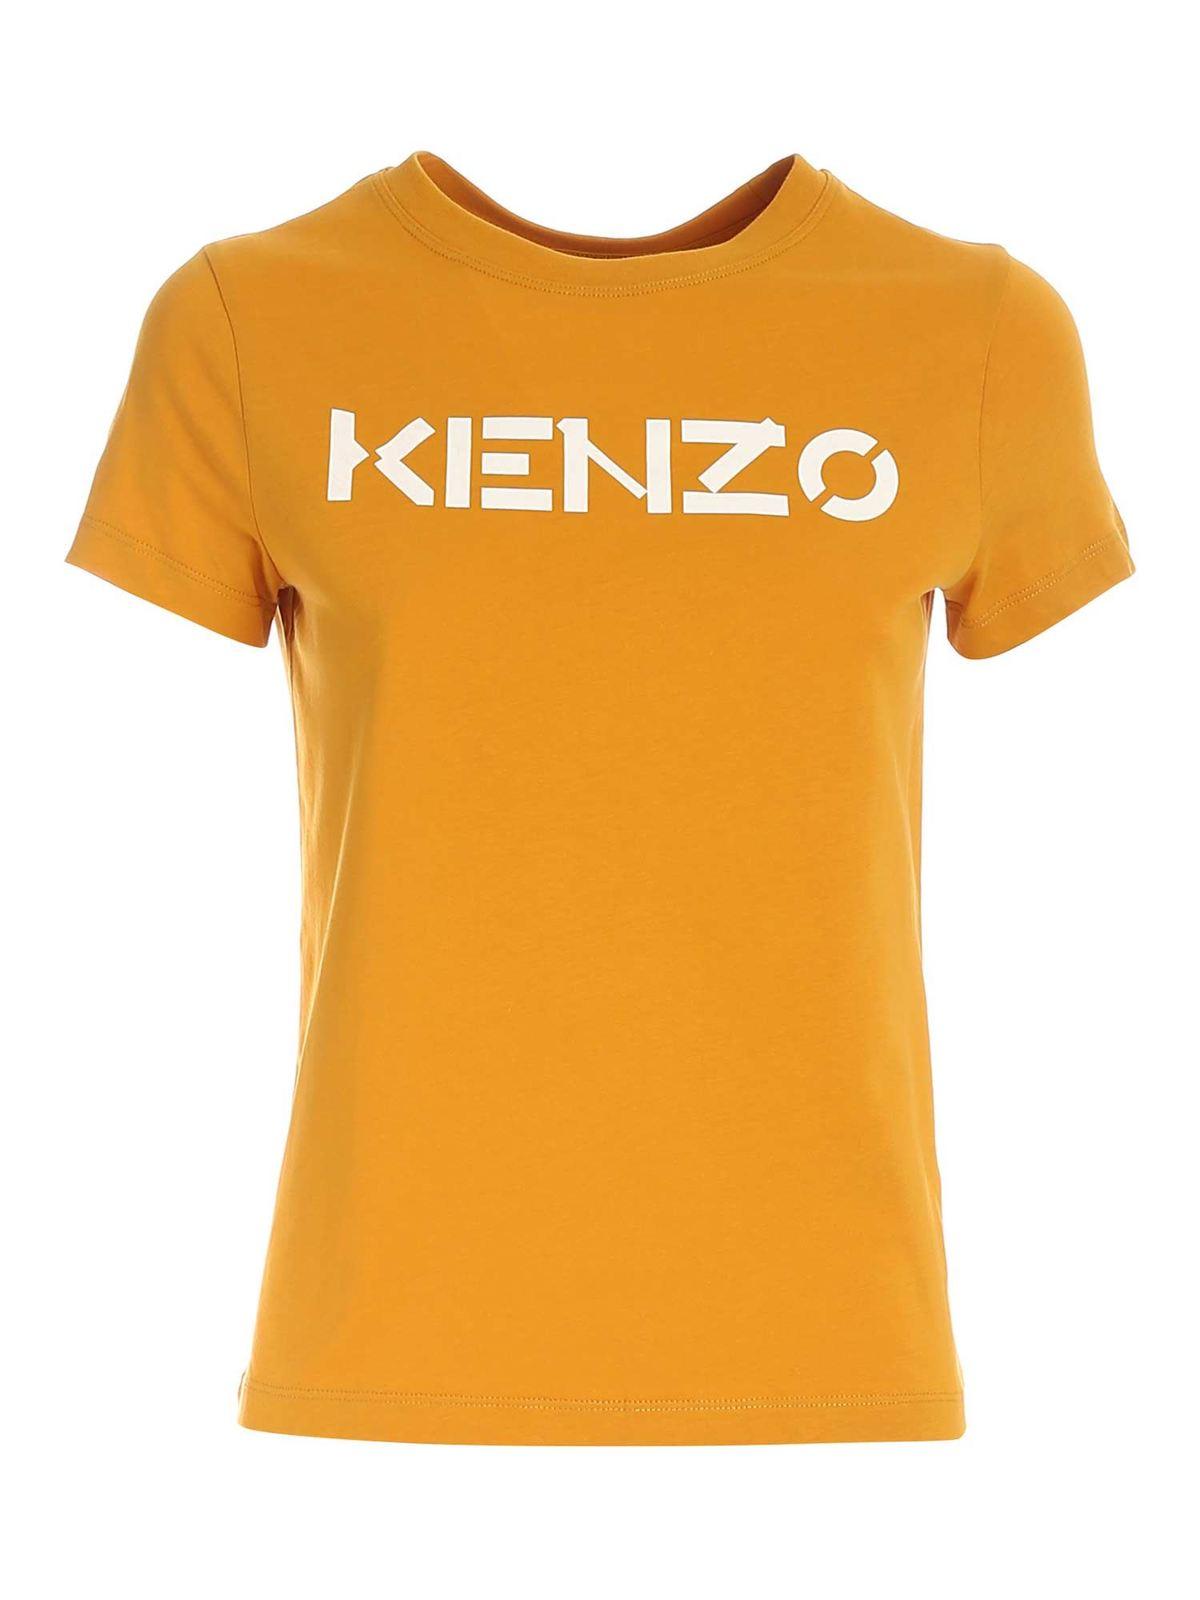 Kenzo CLASSIC KENZO LOGO T-SHIRT IN OCHER